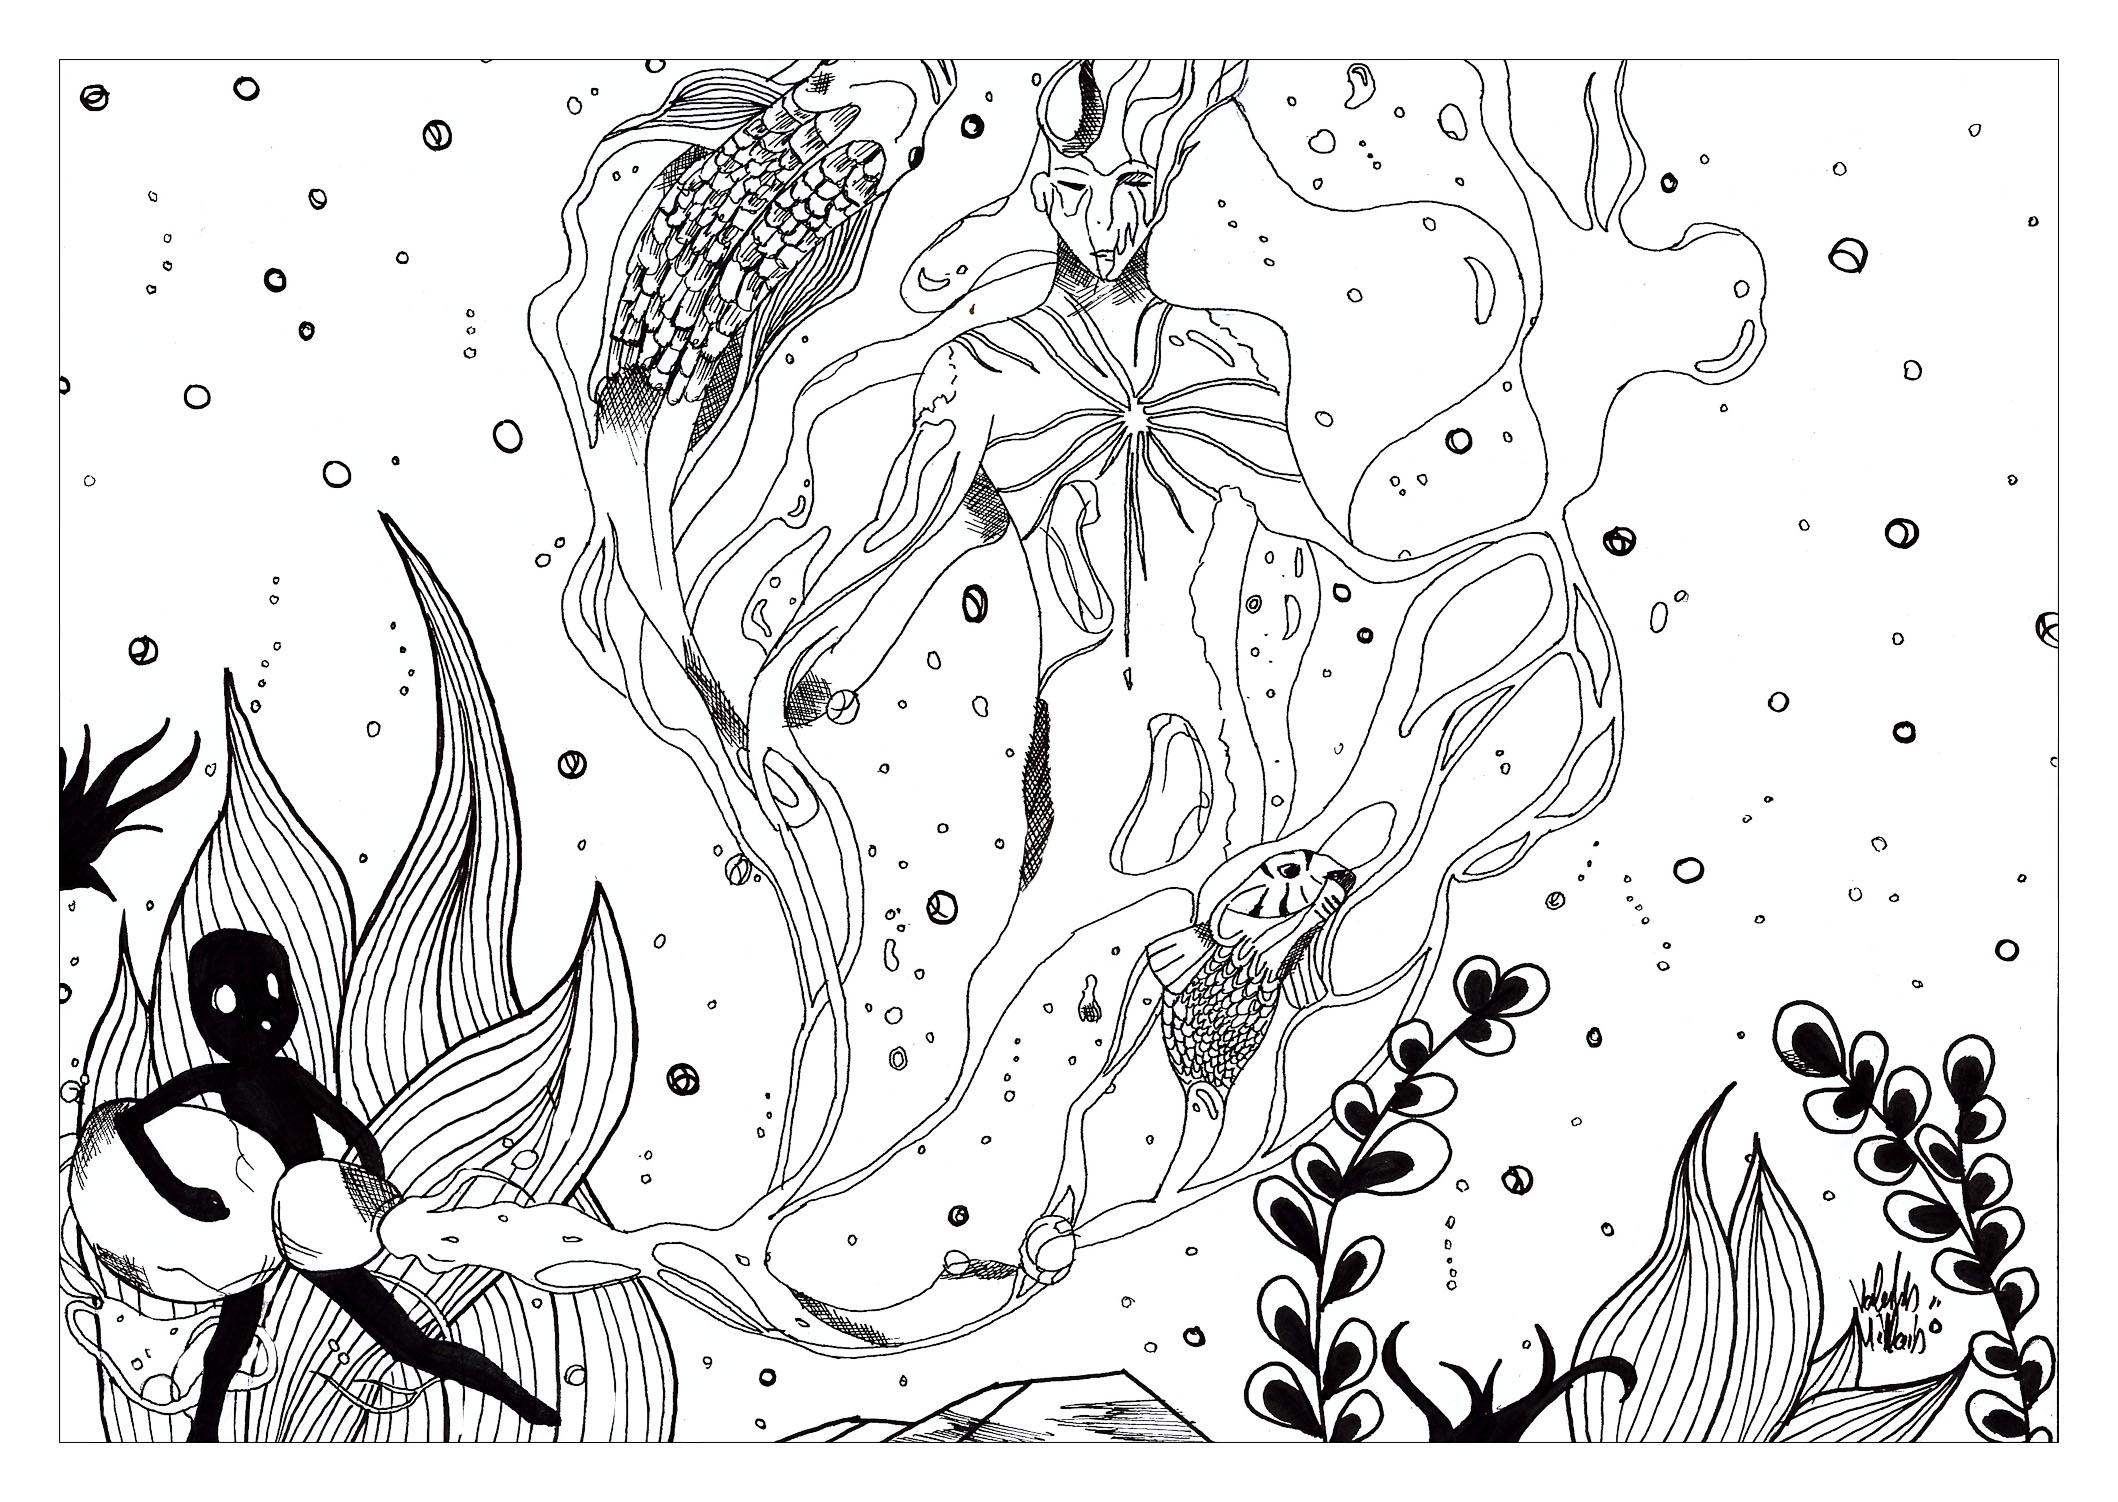 Disegni da colorare per adulti : Water worlds - 23